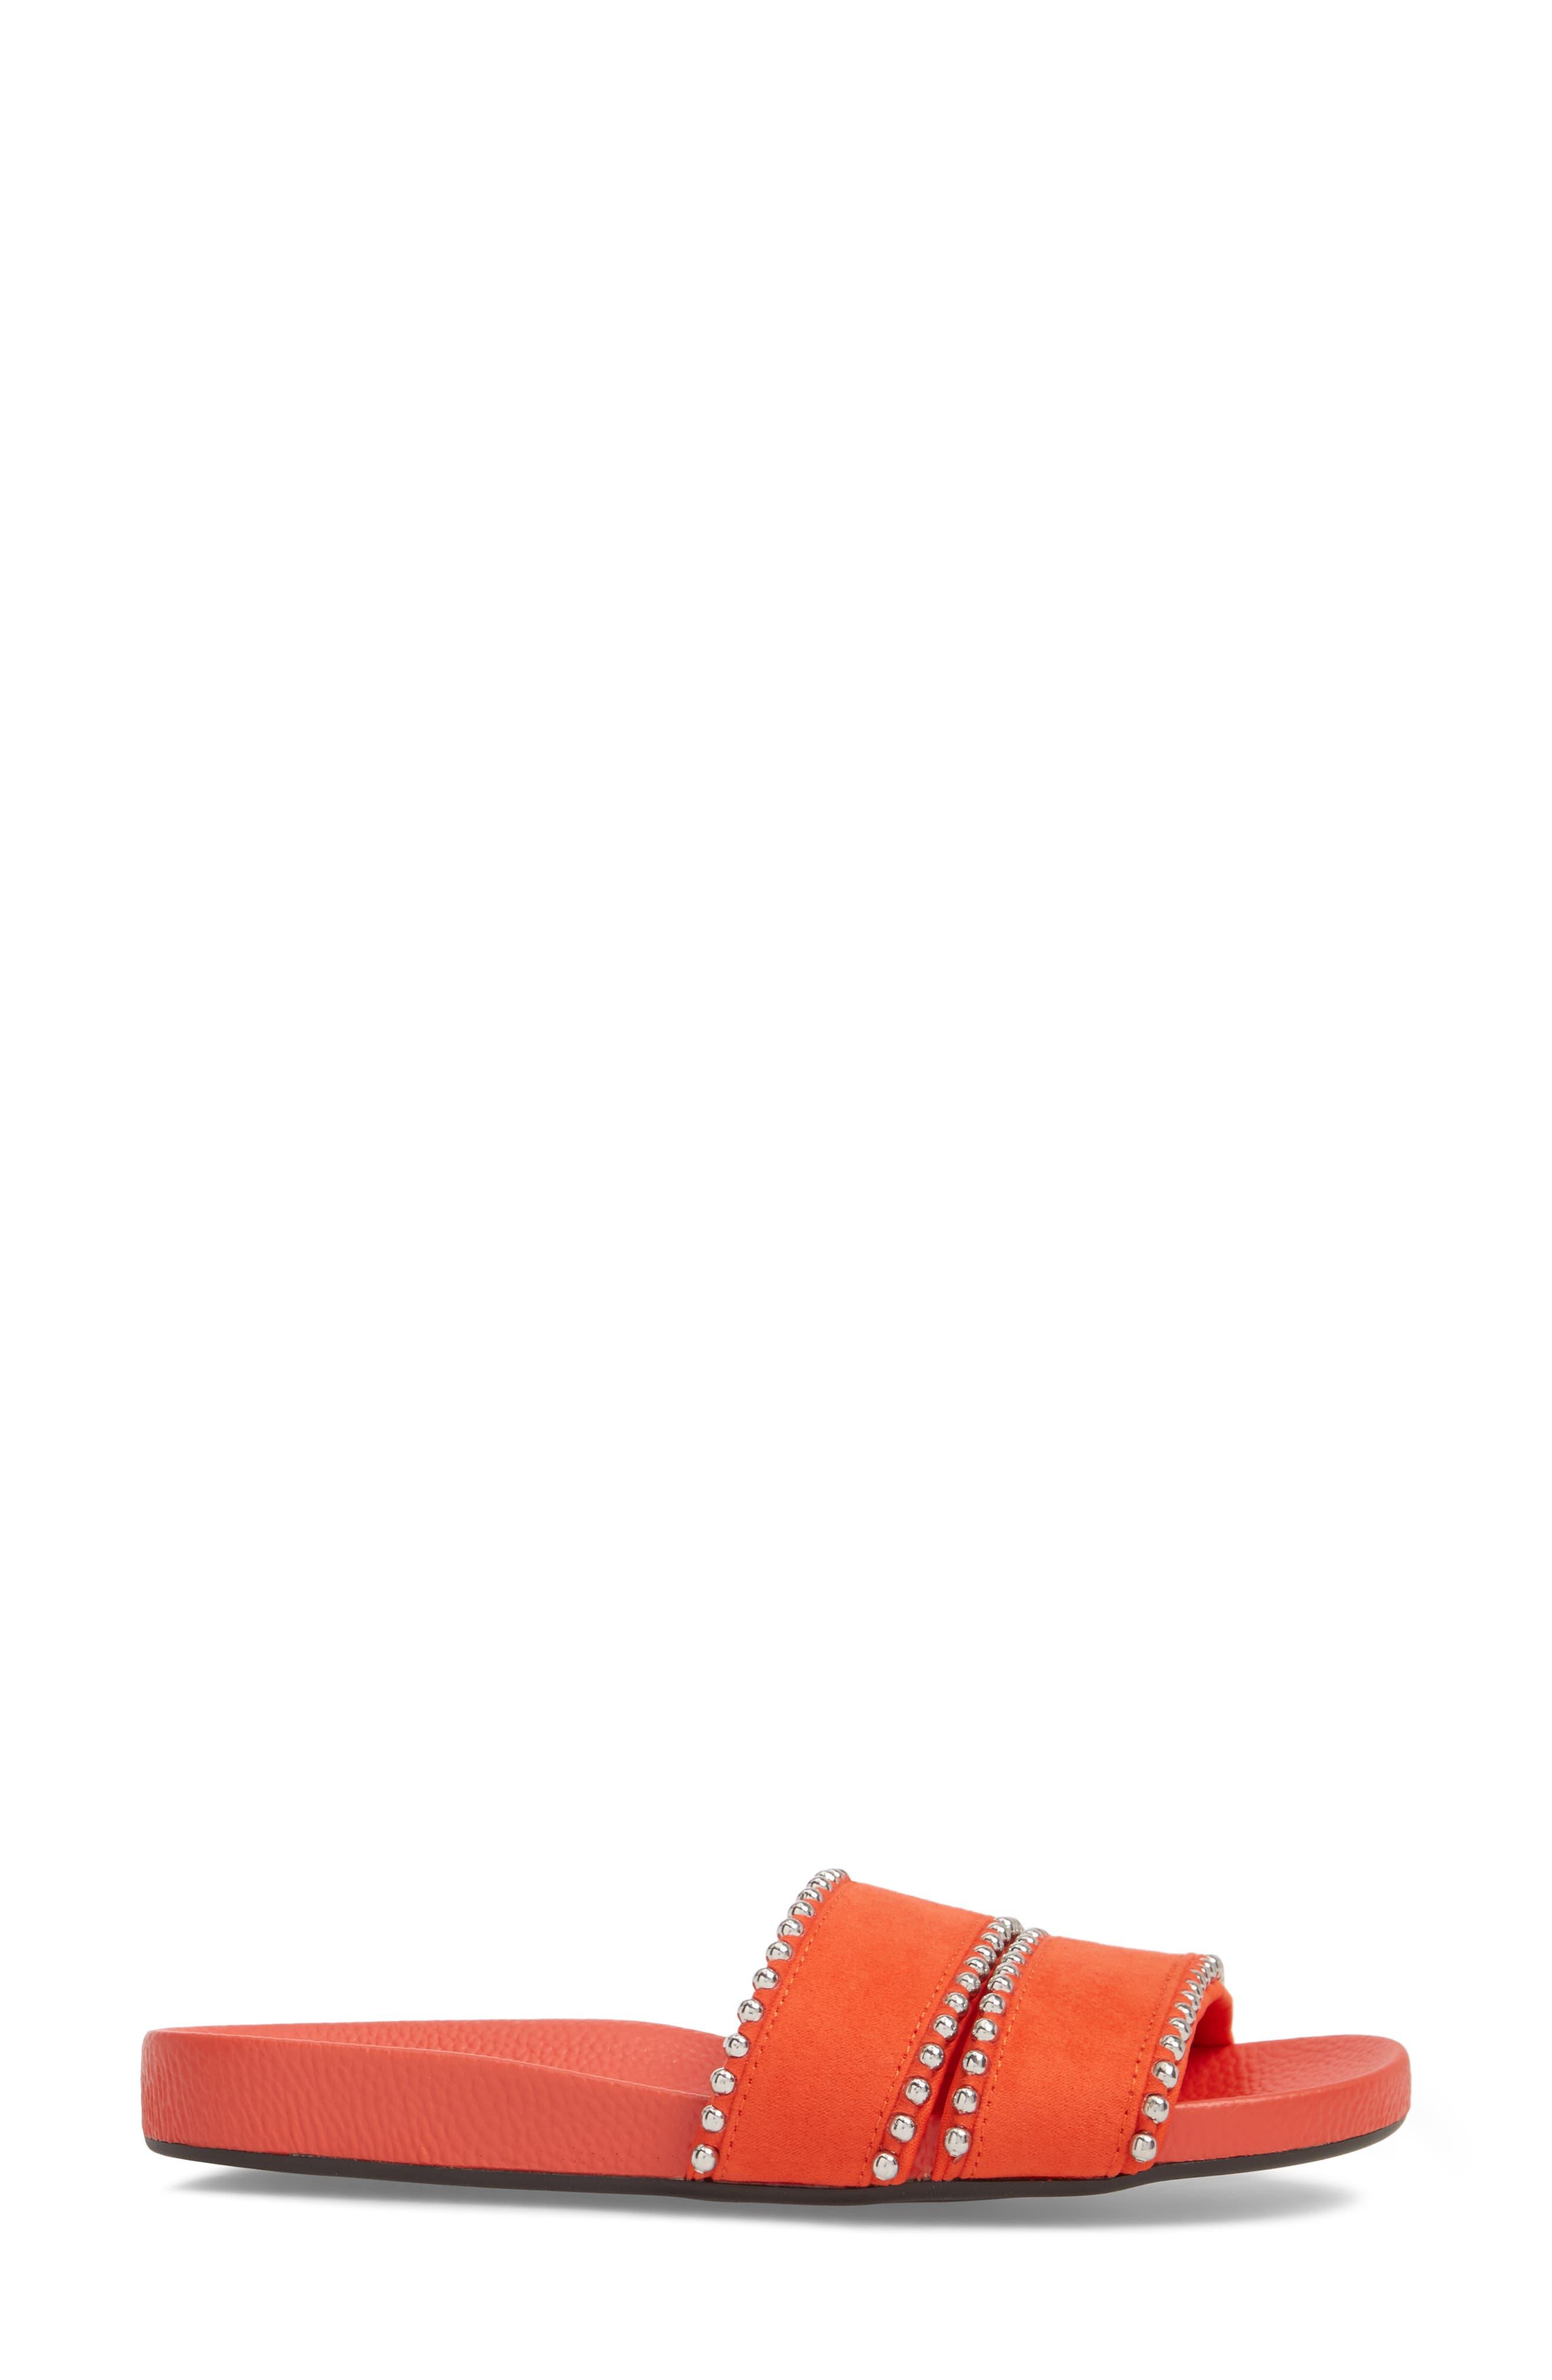 Rascal Studded Slide Sandal,                             Alternate thumbnail 3, color,                             Red